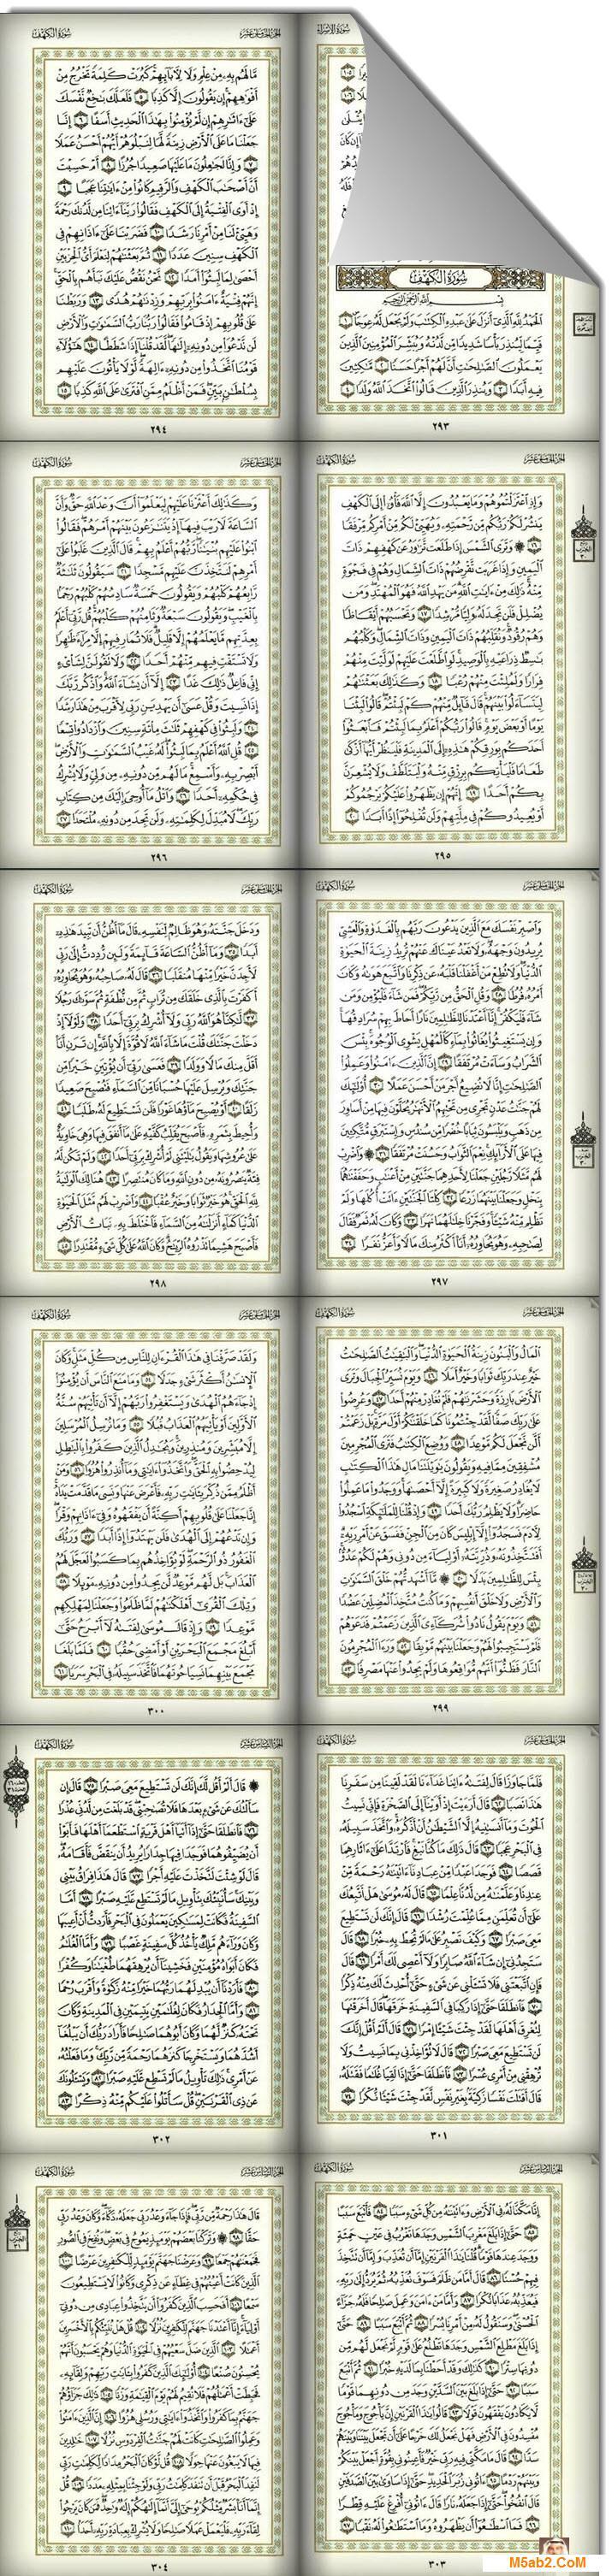 سورة الكهف - سورة 18 - عدد آياتها 110 - يوم الجمعة